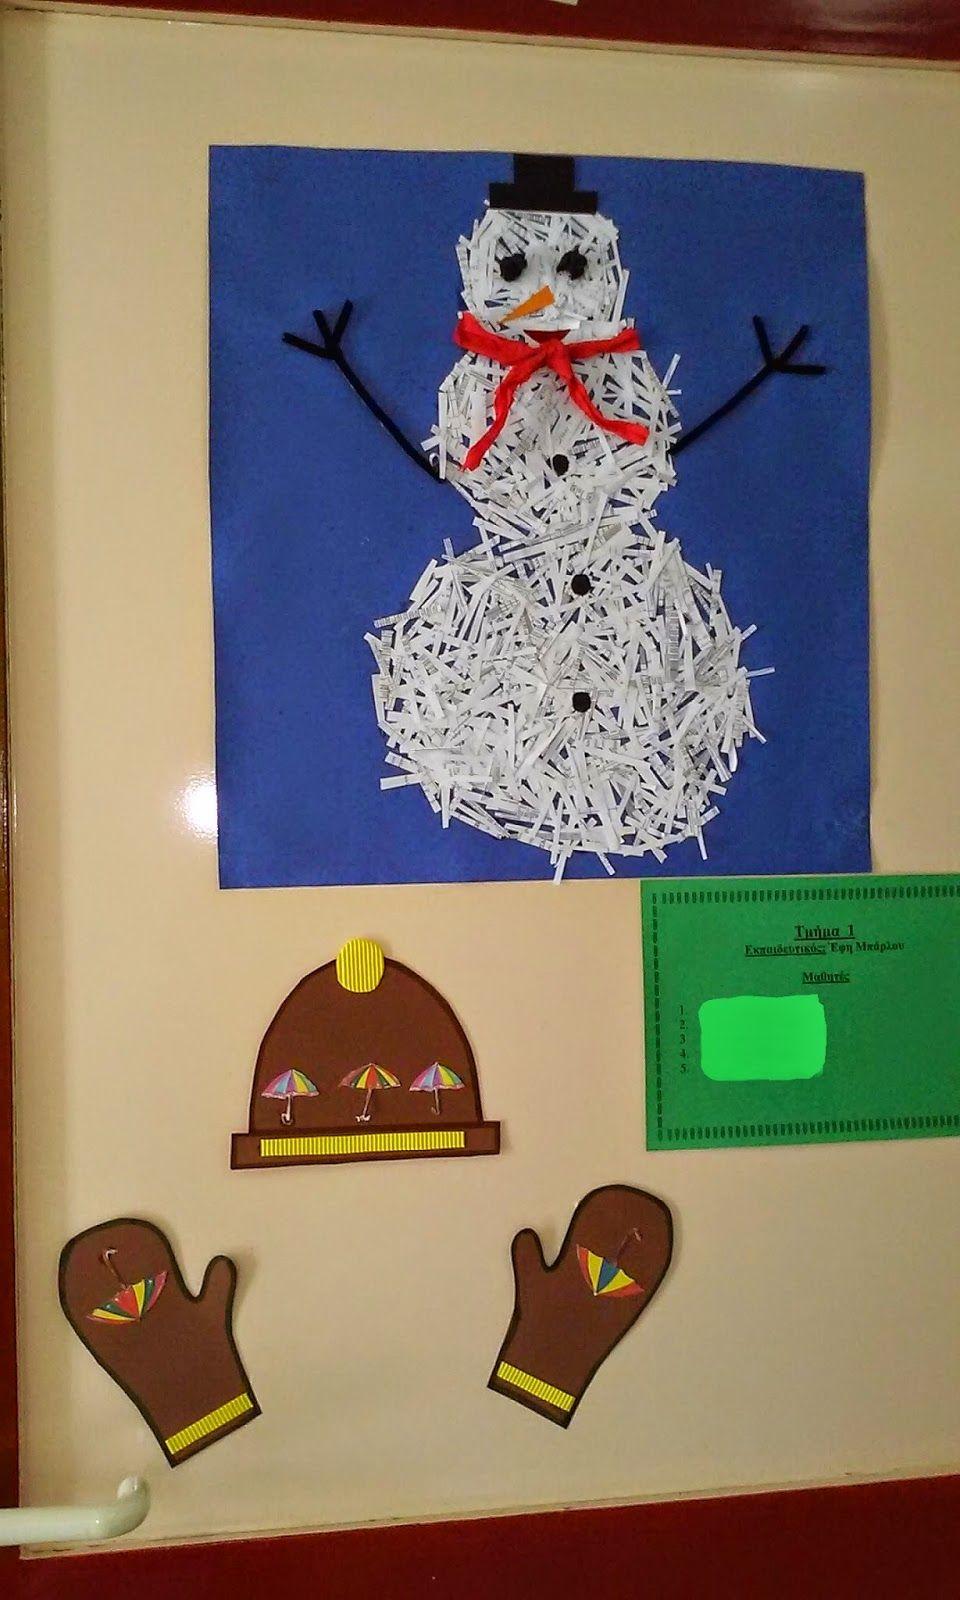 Παίζω και μαθαίνω στην Ειδική Αγωγή : Χιονάνθρωπος ..... στην πόρτα μας!!!